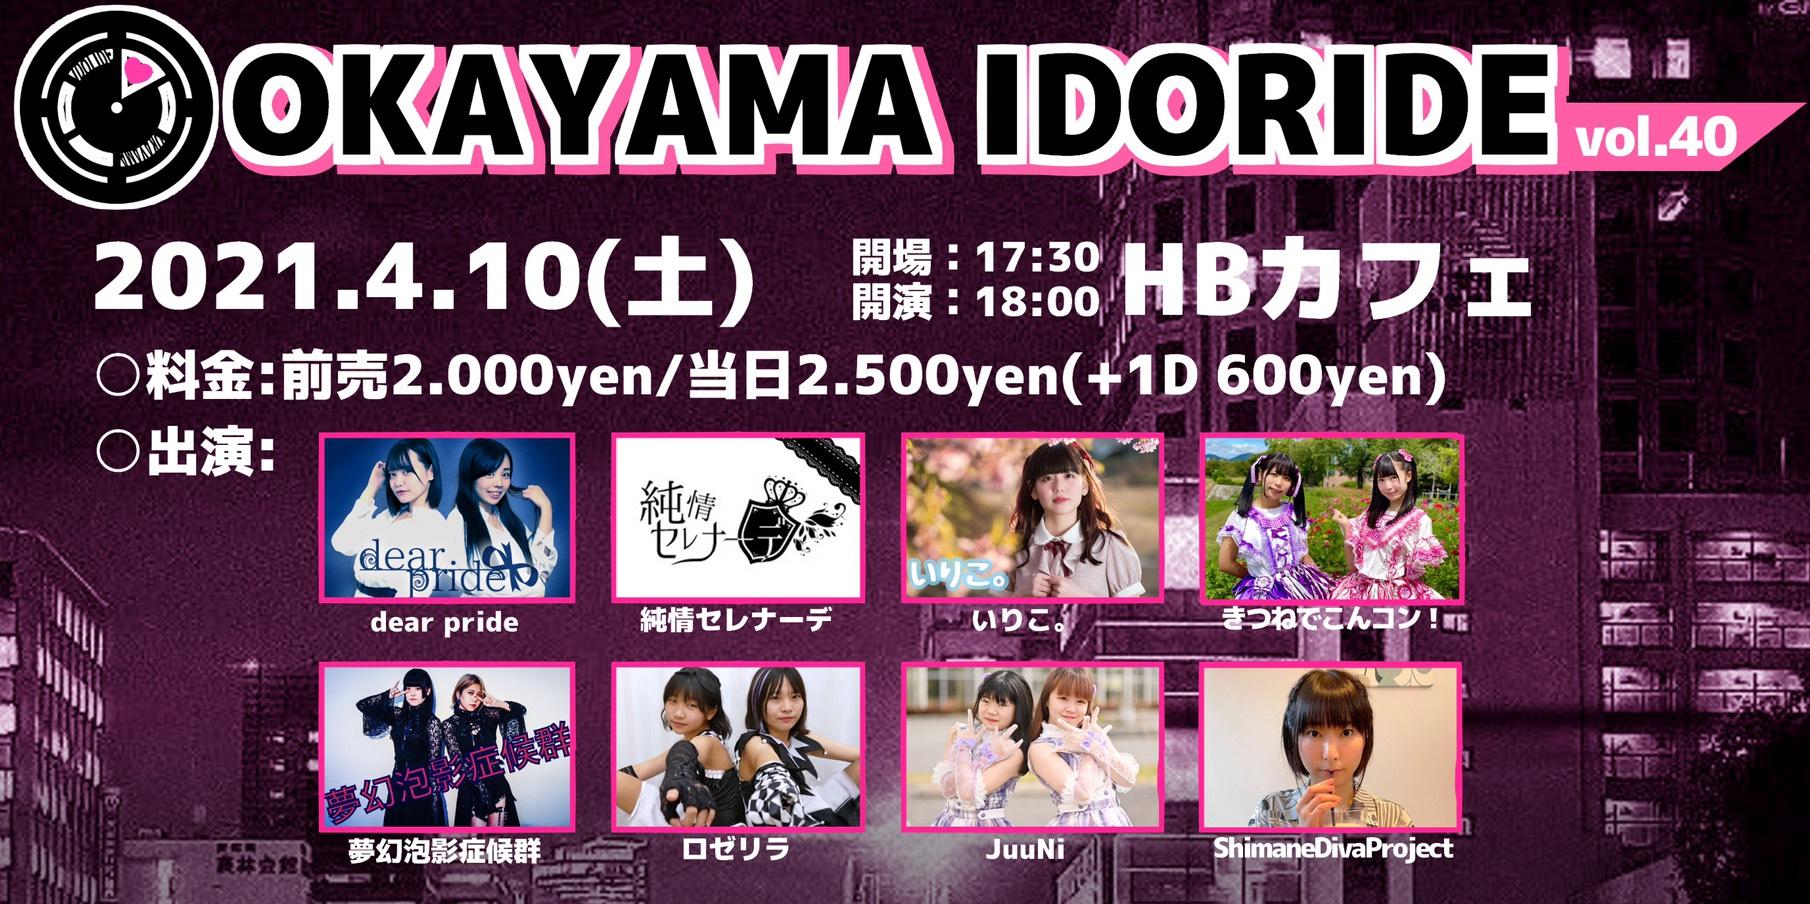 【岡山遠征】OKAYAMA IDORIDE vol.40